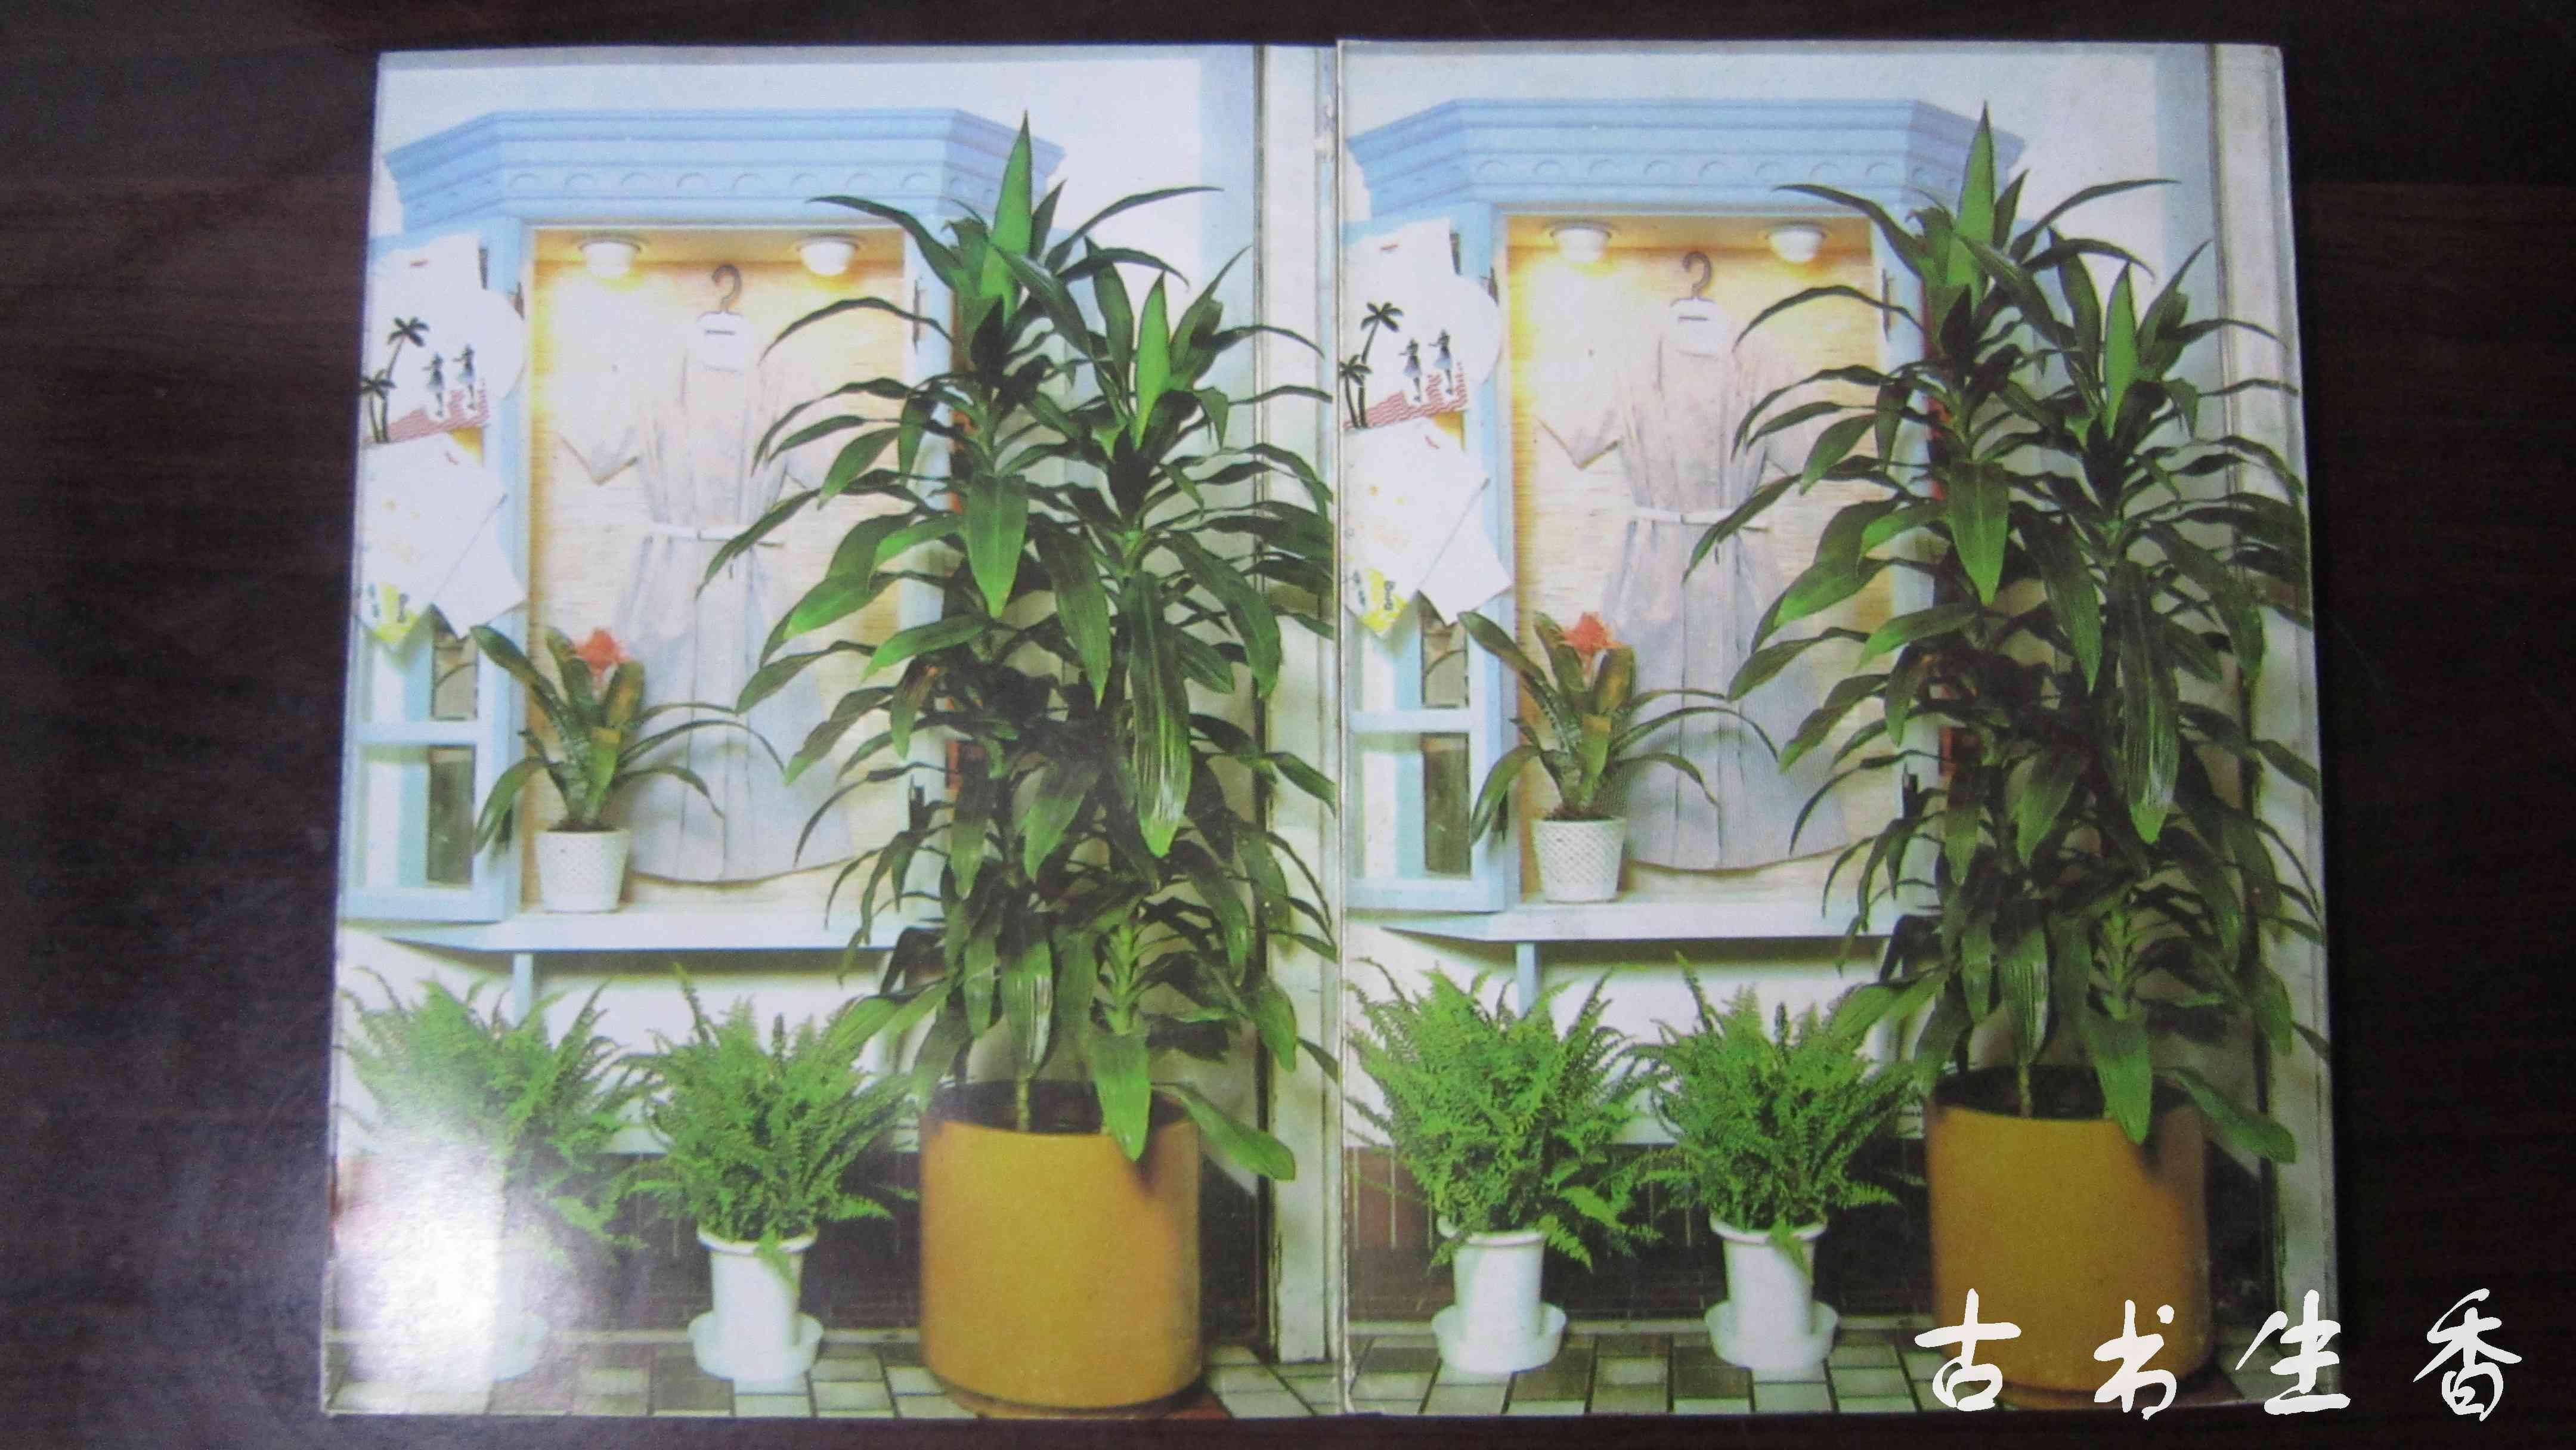 室内植物装饰与养护